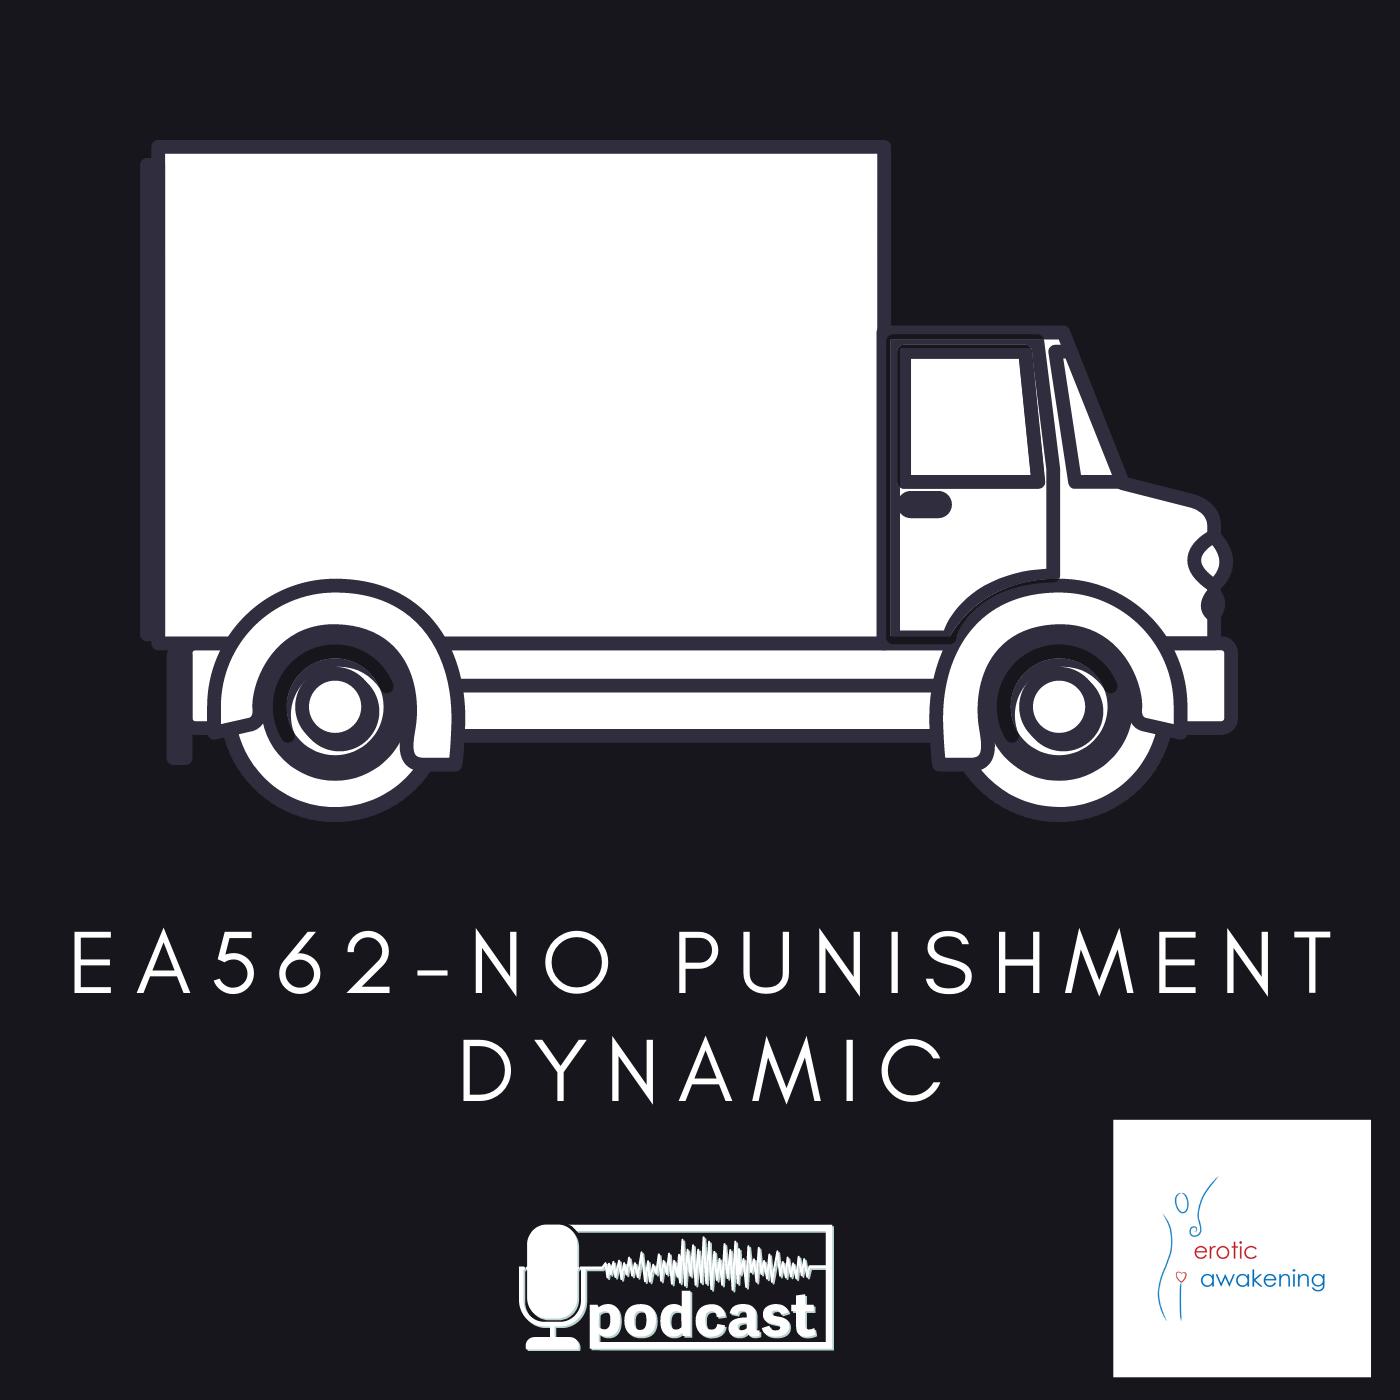 Erotic Awakening Podcast - EA562 - No Punishment Dynamic